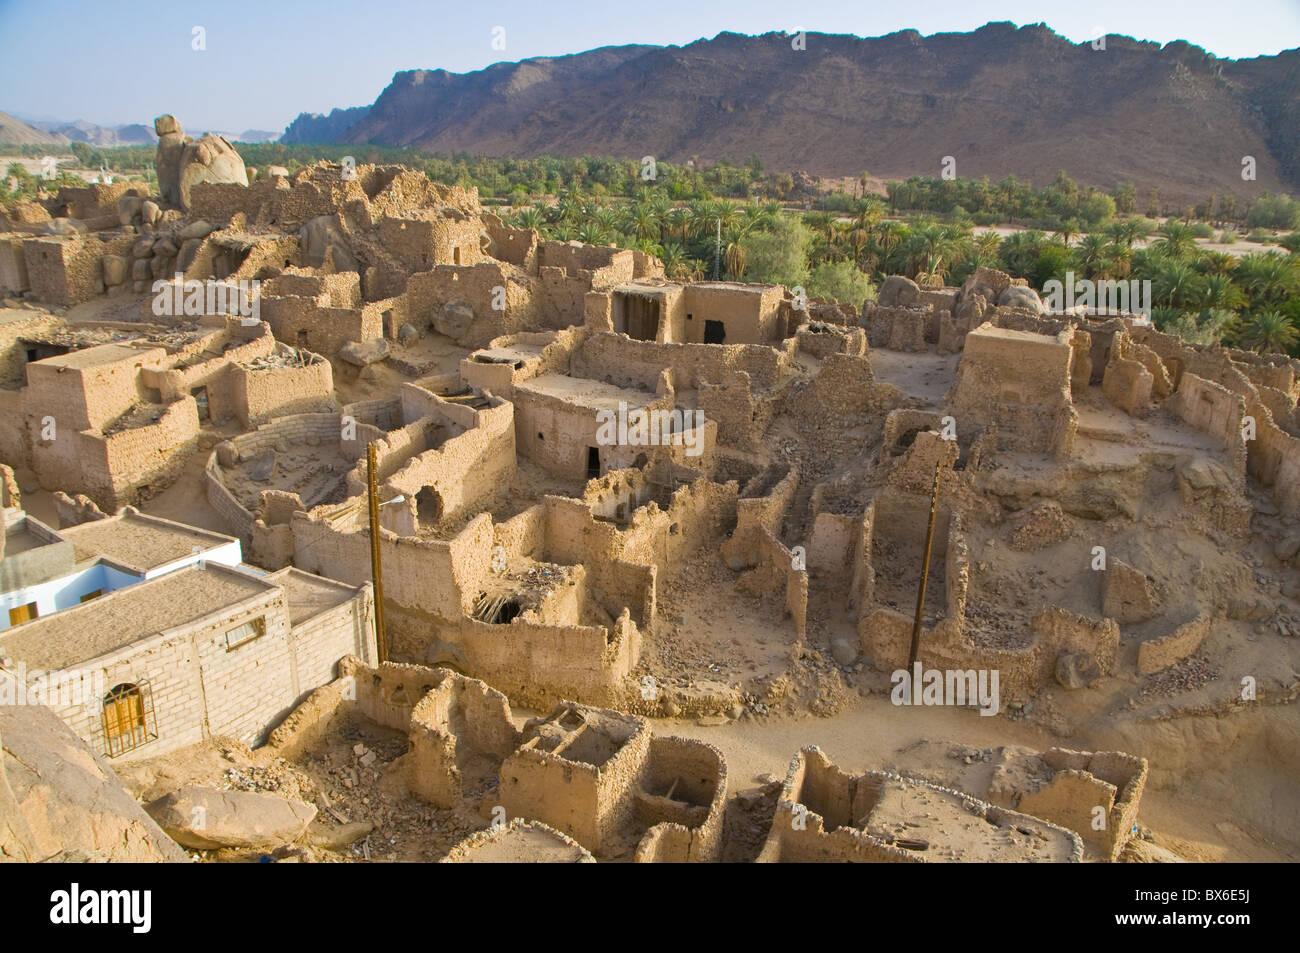 La vieille ville en ruines (ksour) de Djanet, dans le sud de l'Algérie, l'Afrique du Nord, Afrique Photo Stock